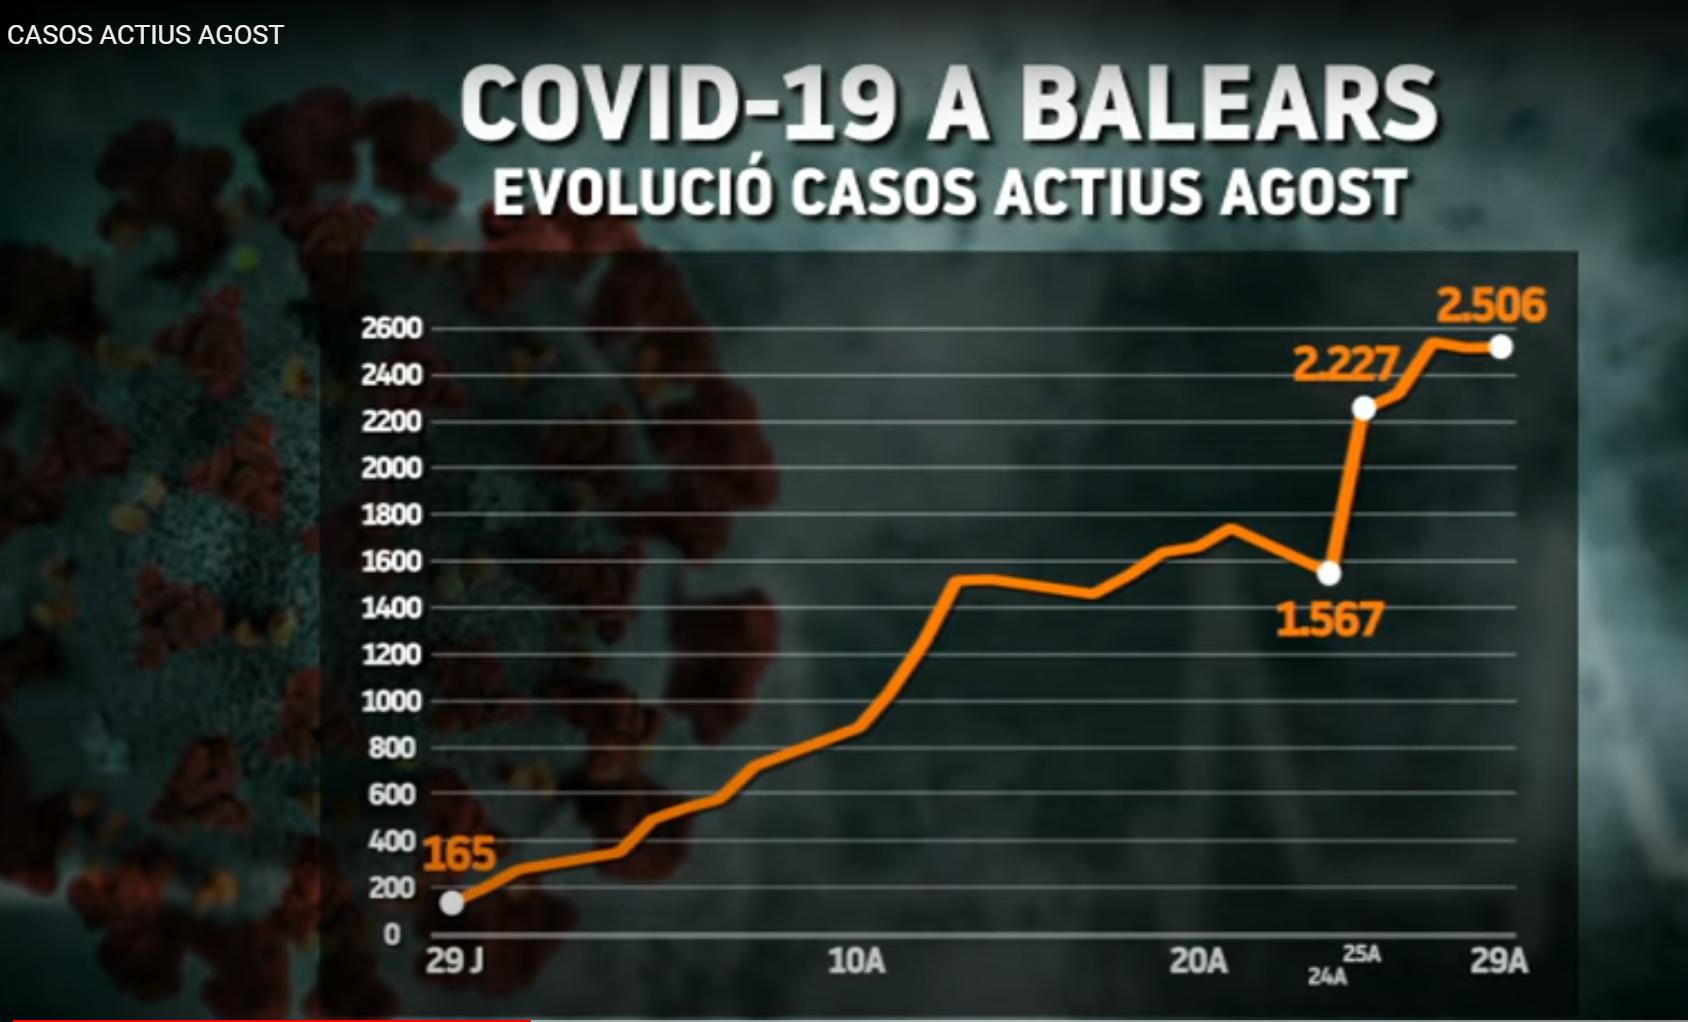 Agost+dispara+els+casos+actius+de+covid-19+a+Balears